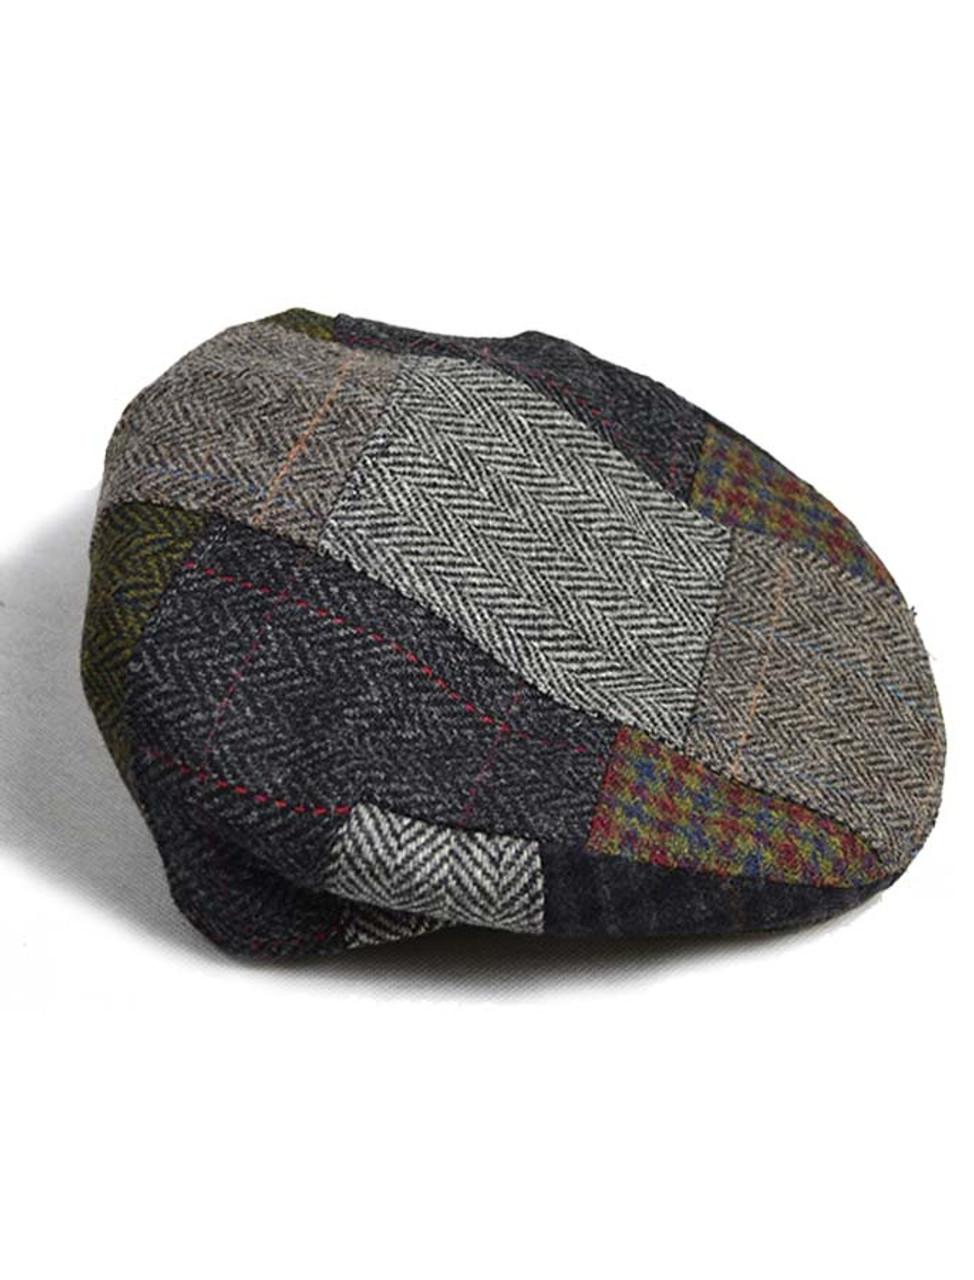 5c4f31c93744 Dark tweed cap from Ireland, Irish hats   Glenaran